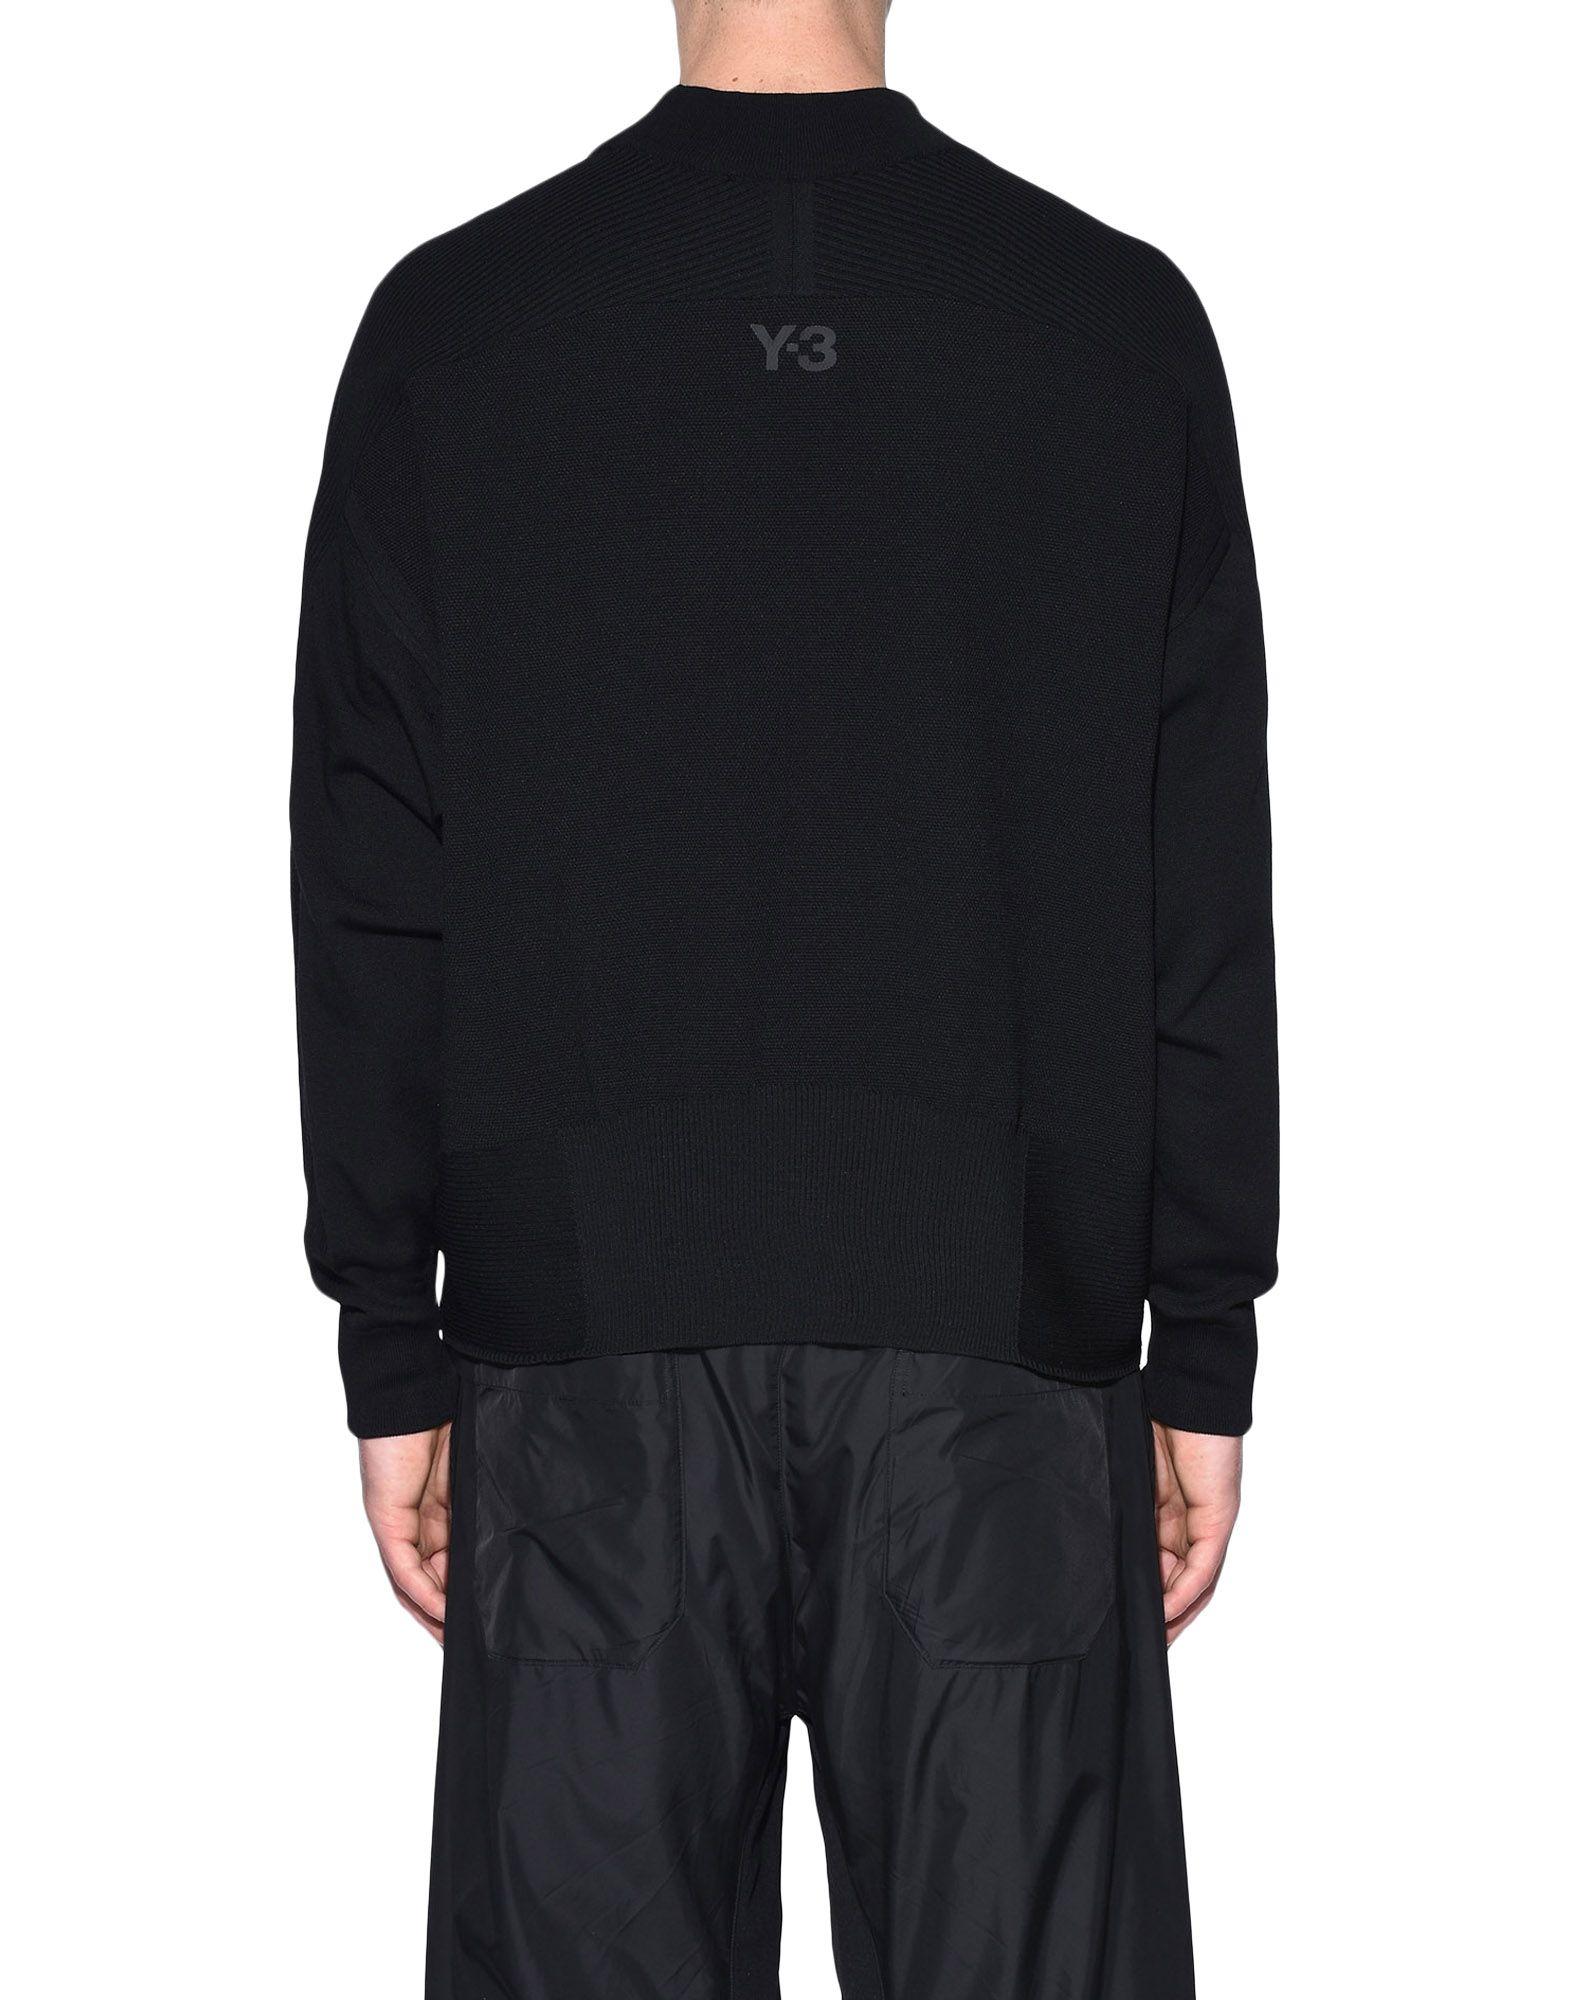 Y-3 Y-3 Tech Wool Sweater Long sleeve jumper Man d